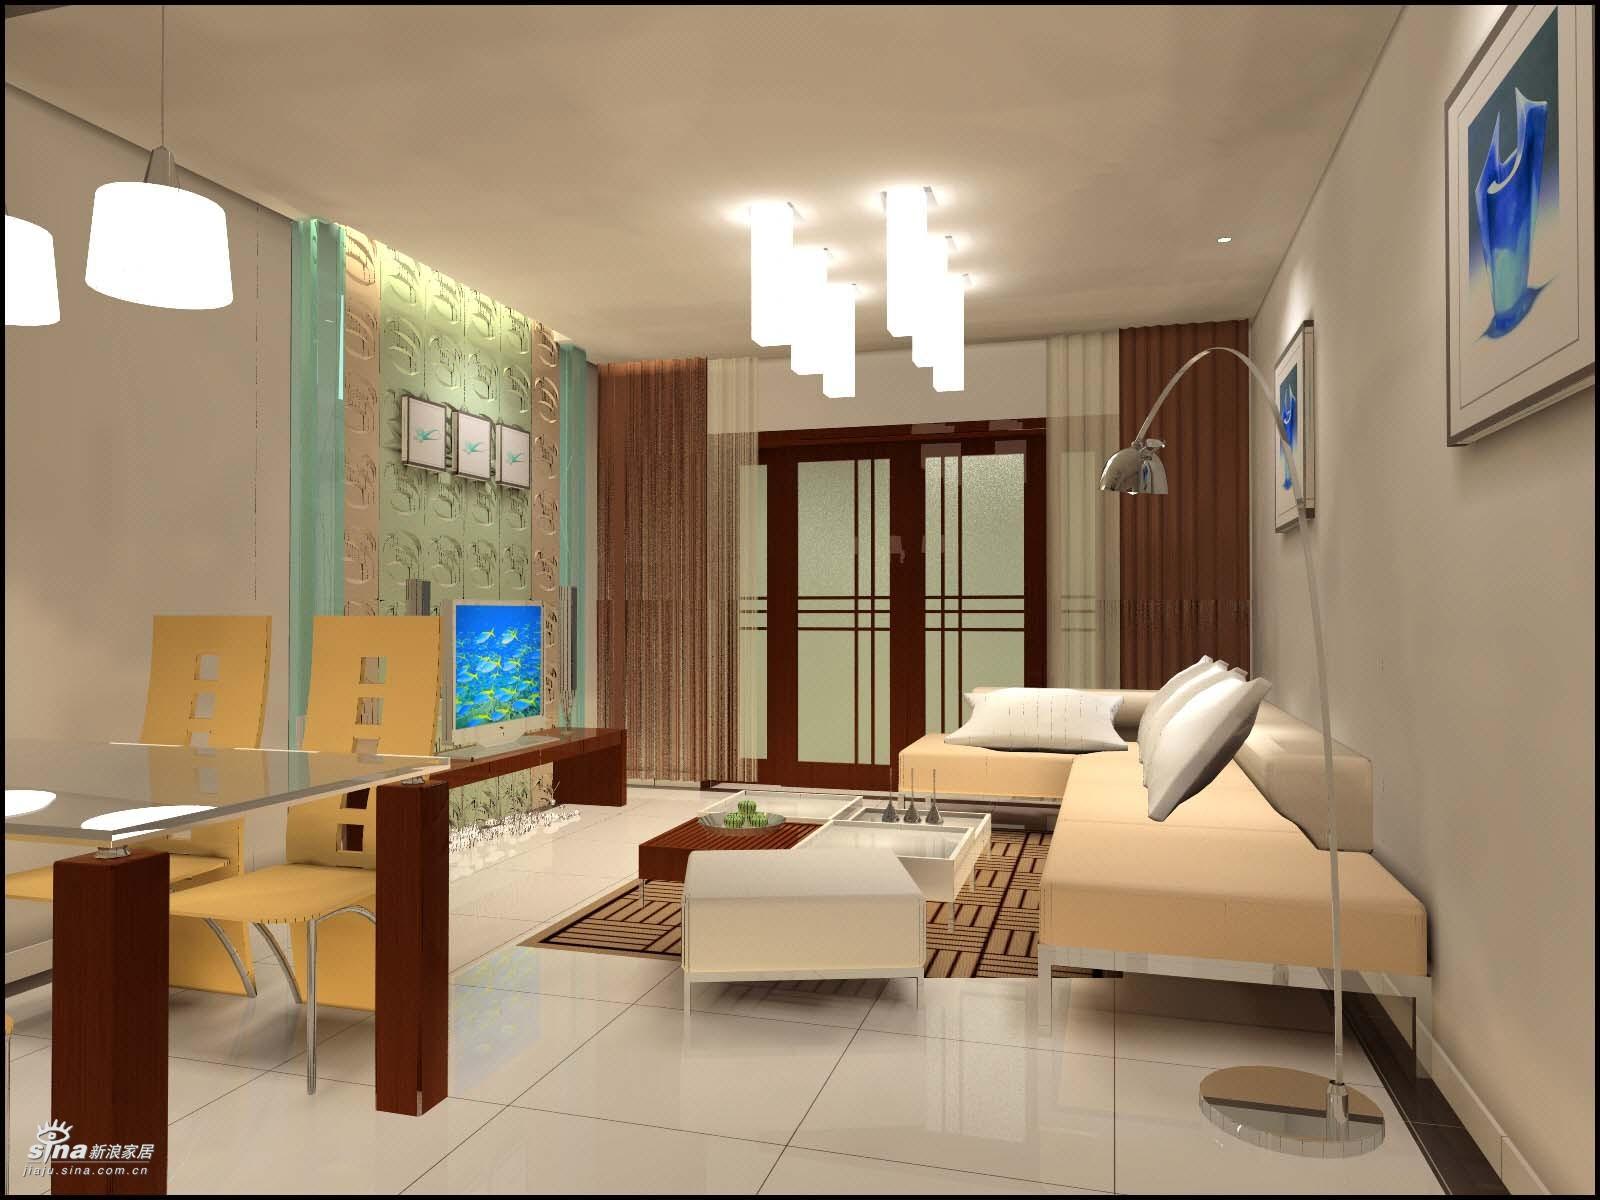 简约 二居 客厅图片来自用户2739153147在艺术生活 文静色彩更具哲学57的分享